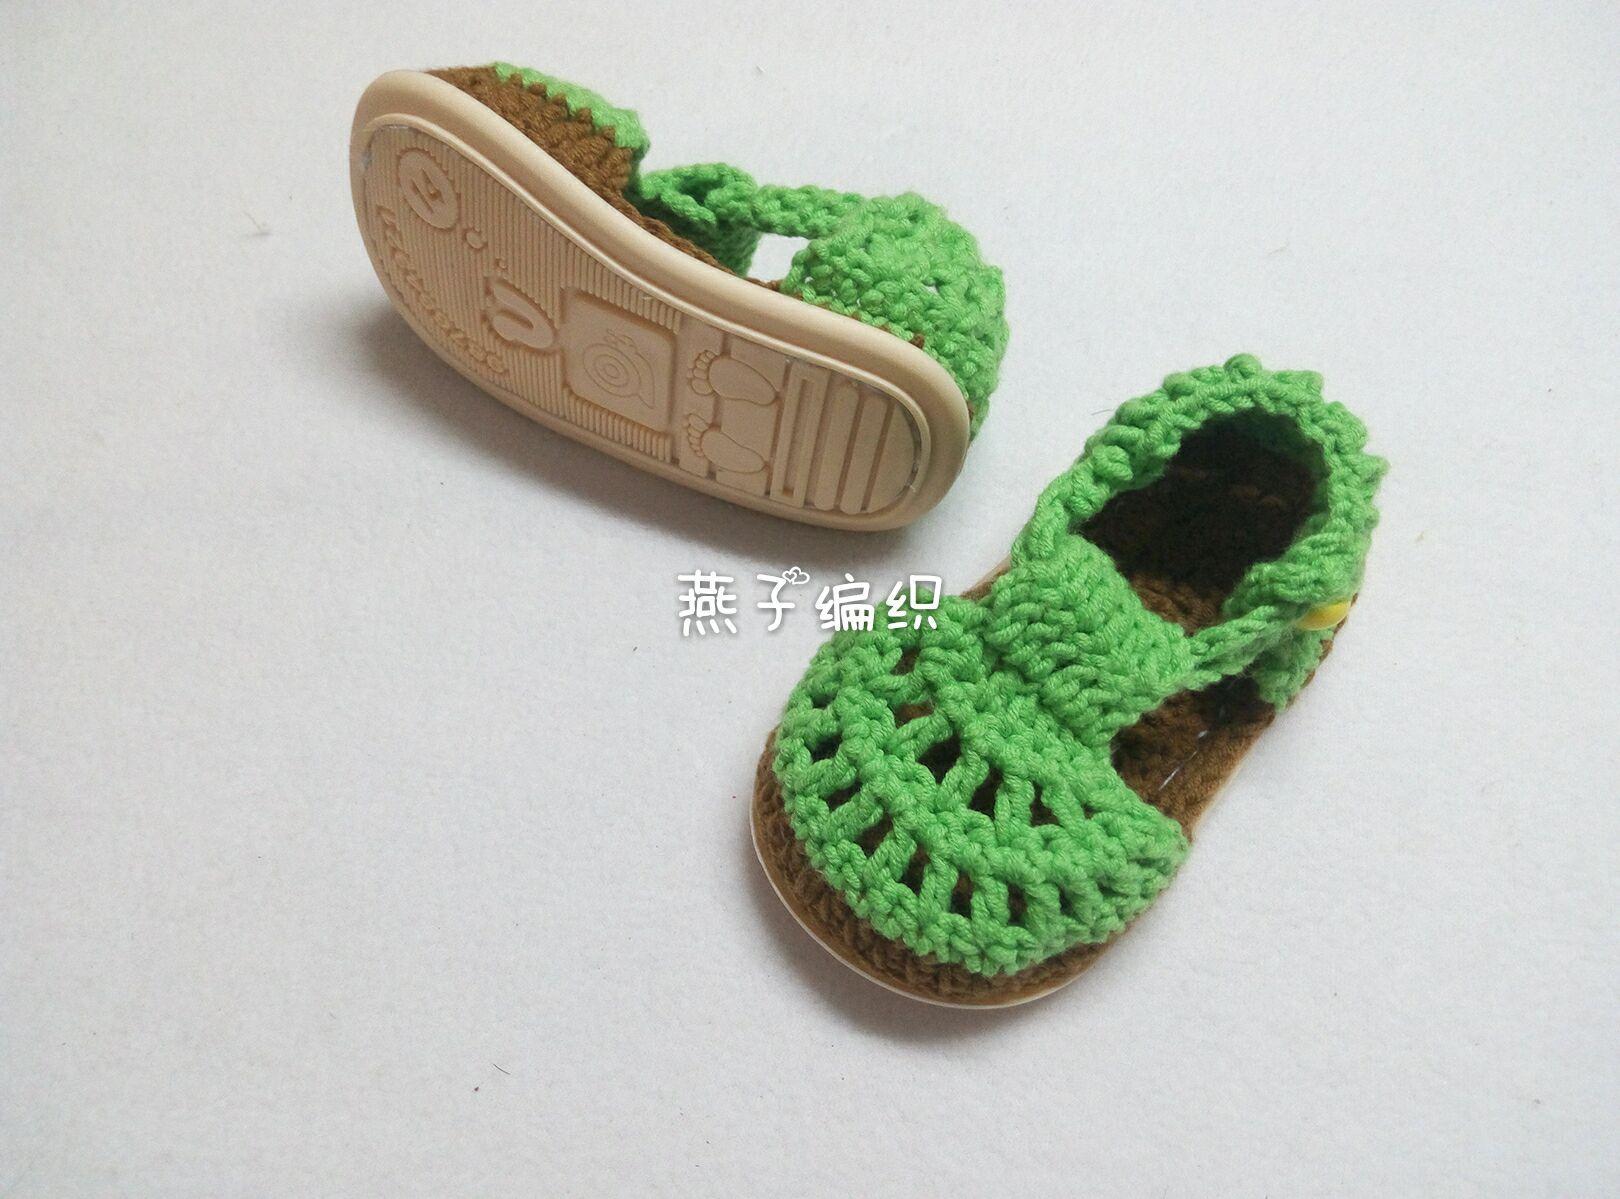 宝宝鞋底 纯手工编织婴儿鞋鞋底软底 编织材料 毛线鞋 鞋底一双价